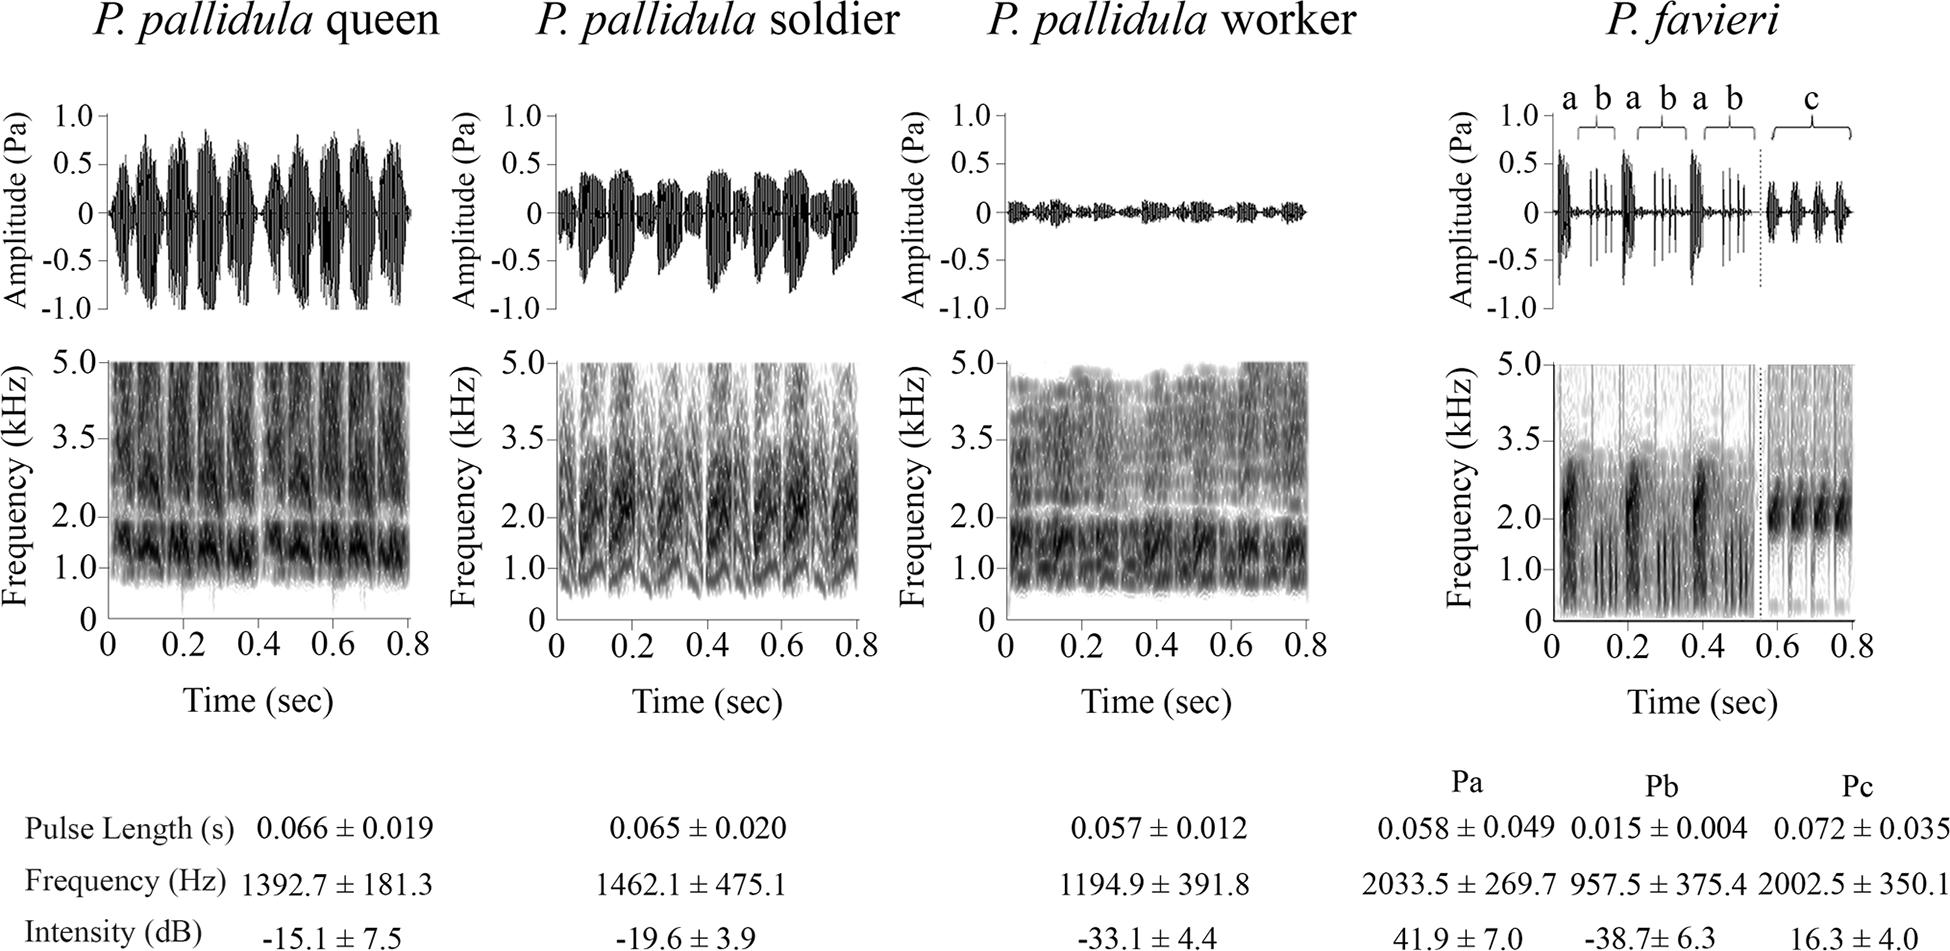 Tonaufnahmen der Tonsignale von verschiedenen Ameisenkasten und deren parasitären Fühlerkäfern (rechts) doi:10.1371/journal.pone.0130541